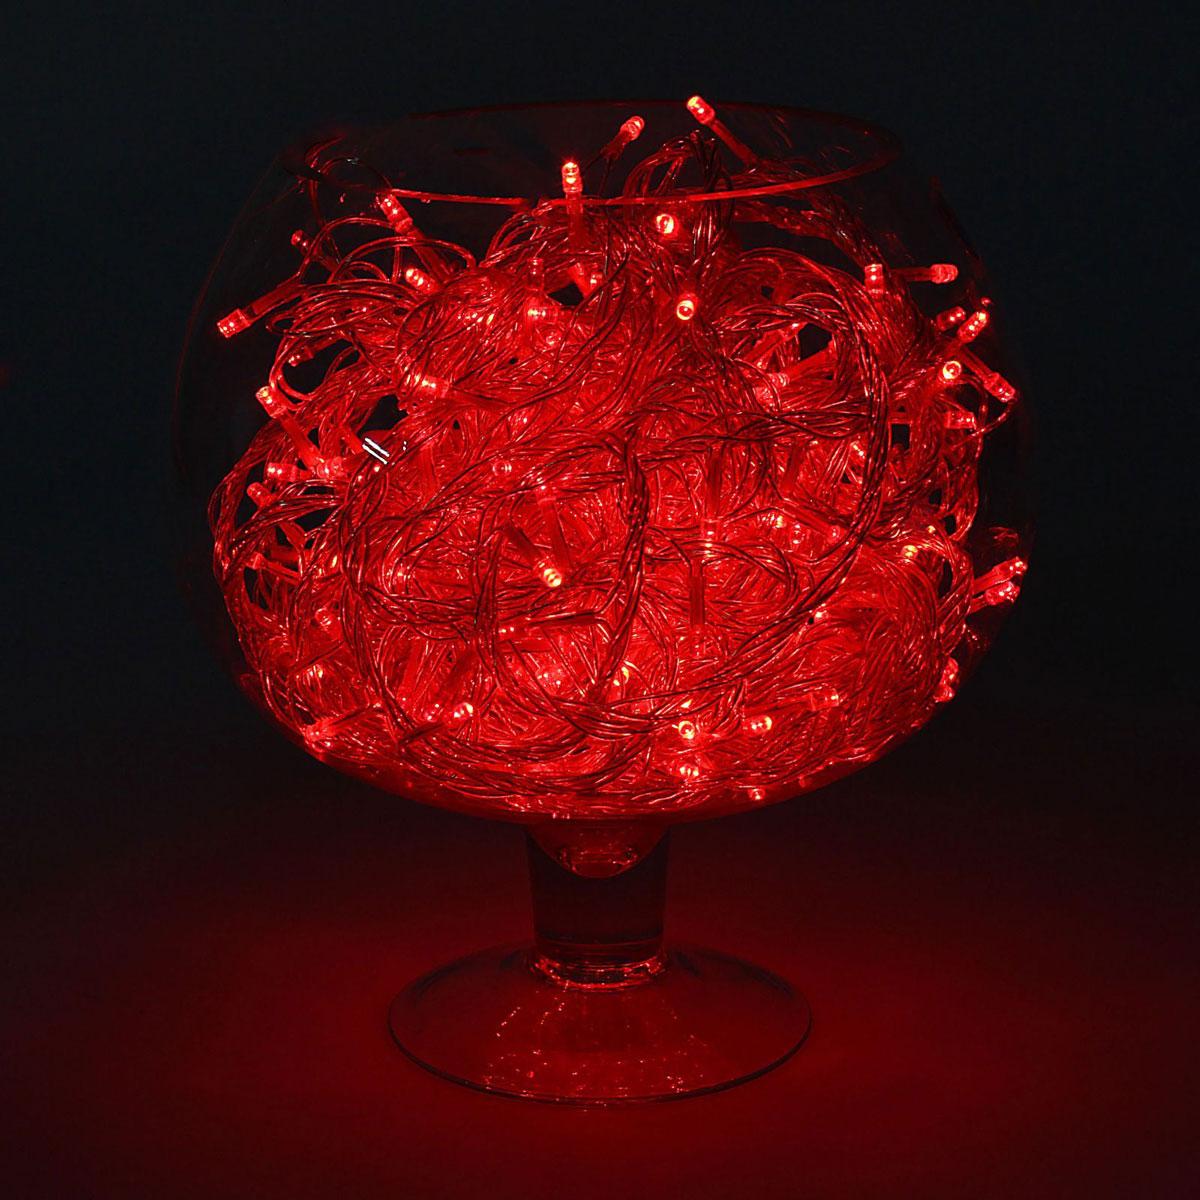 Гирлянда светодиодная Luazon Метраж, уличная, 8 режимов, 200 ламп, 220 V, 20 м, цвет: красный. 1080008 гирлянда luazon дождь 2m 6m multicolor 671678